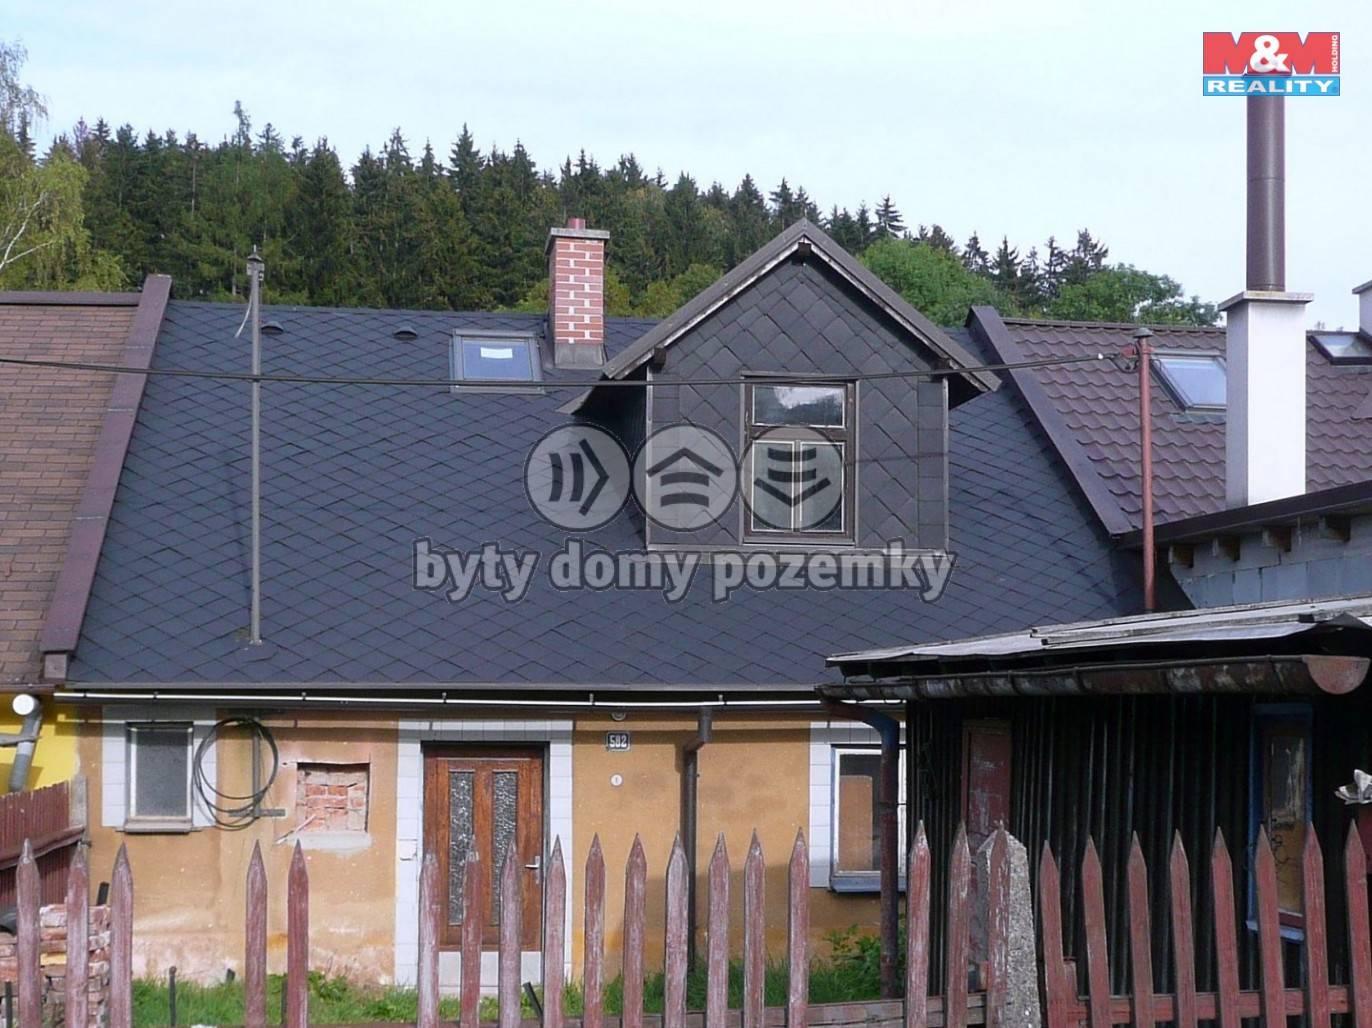 Voln msta v lokalit Lomnice nad Popelkou (i s platy